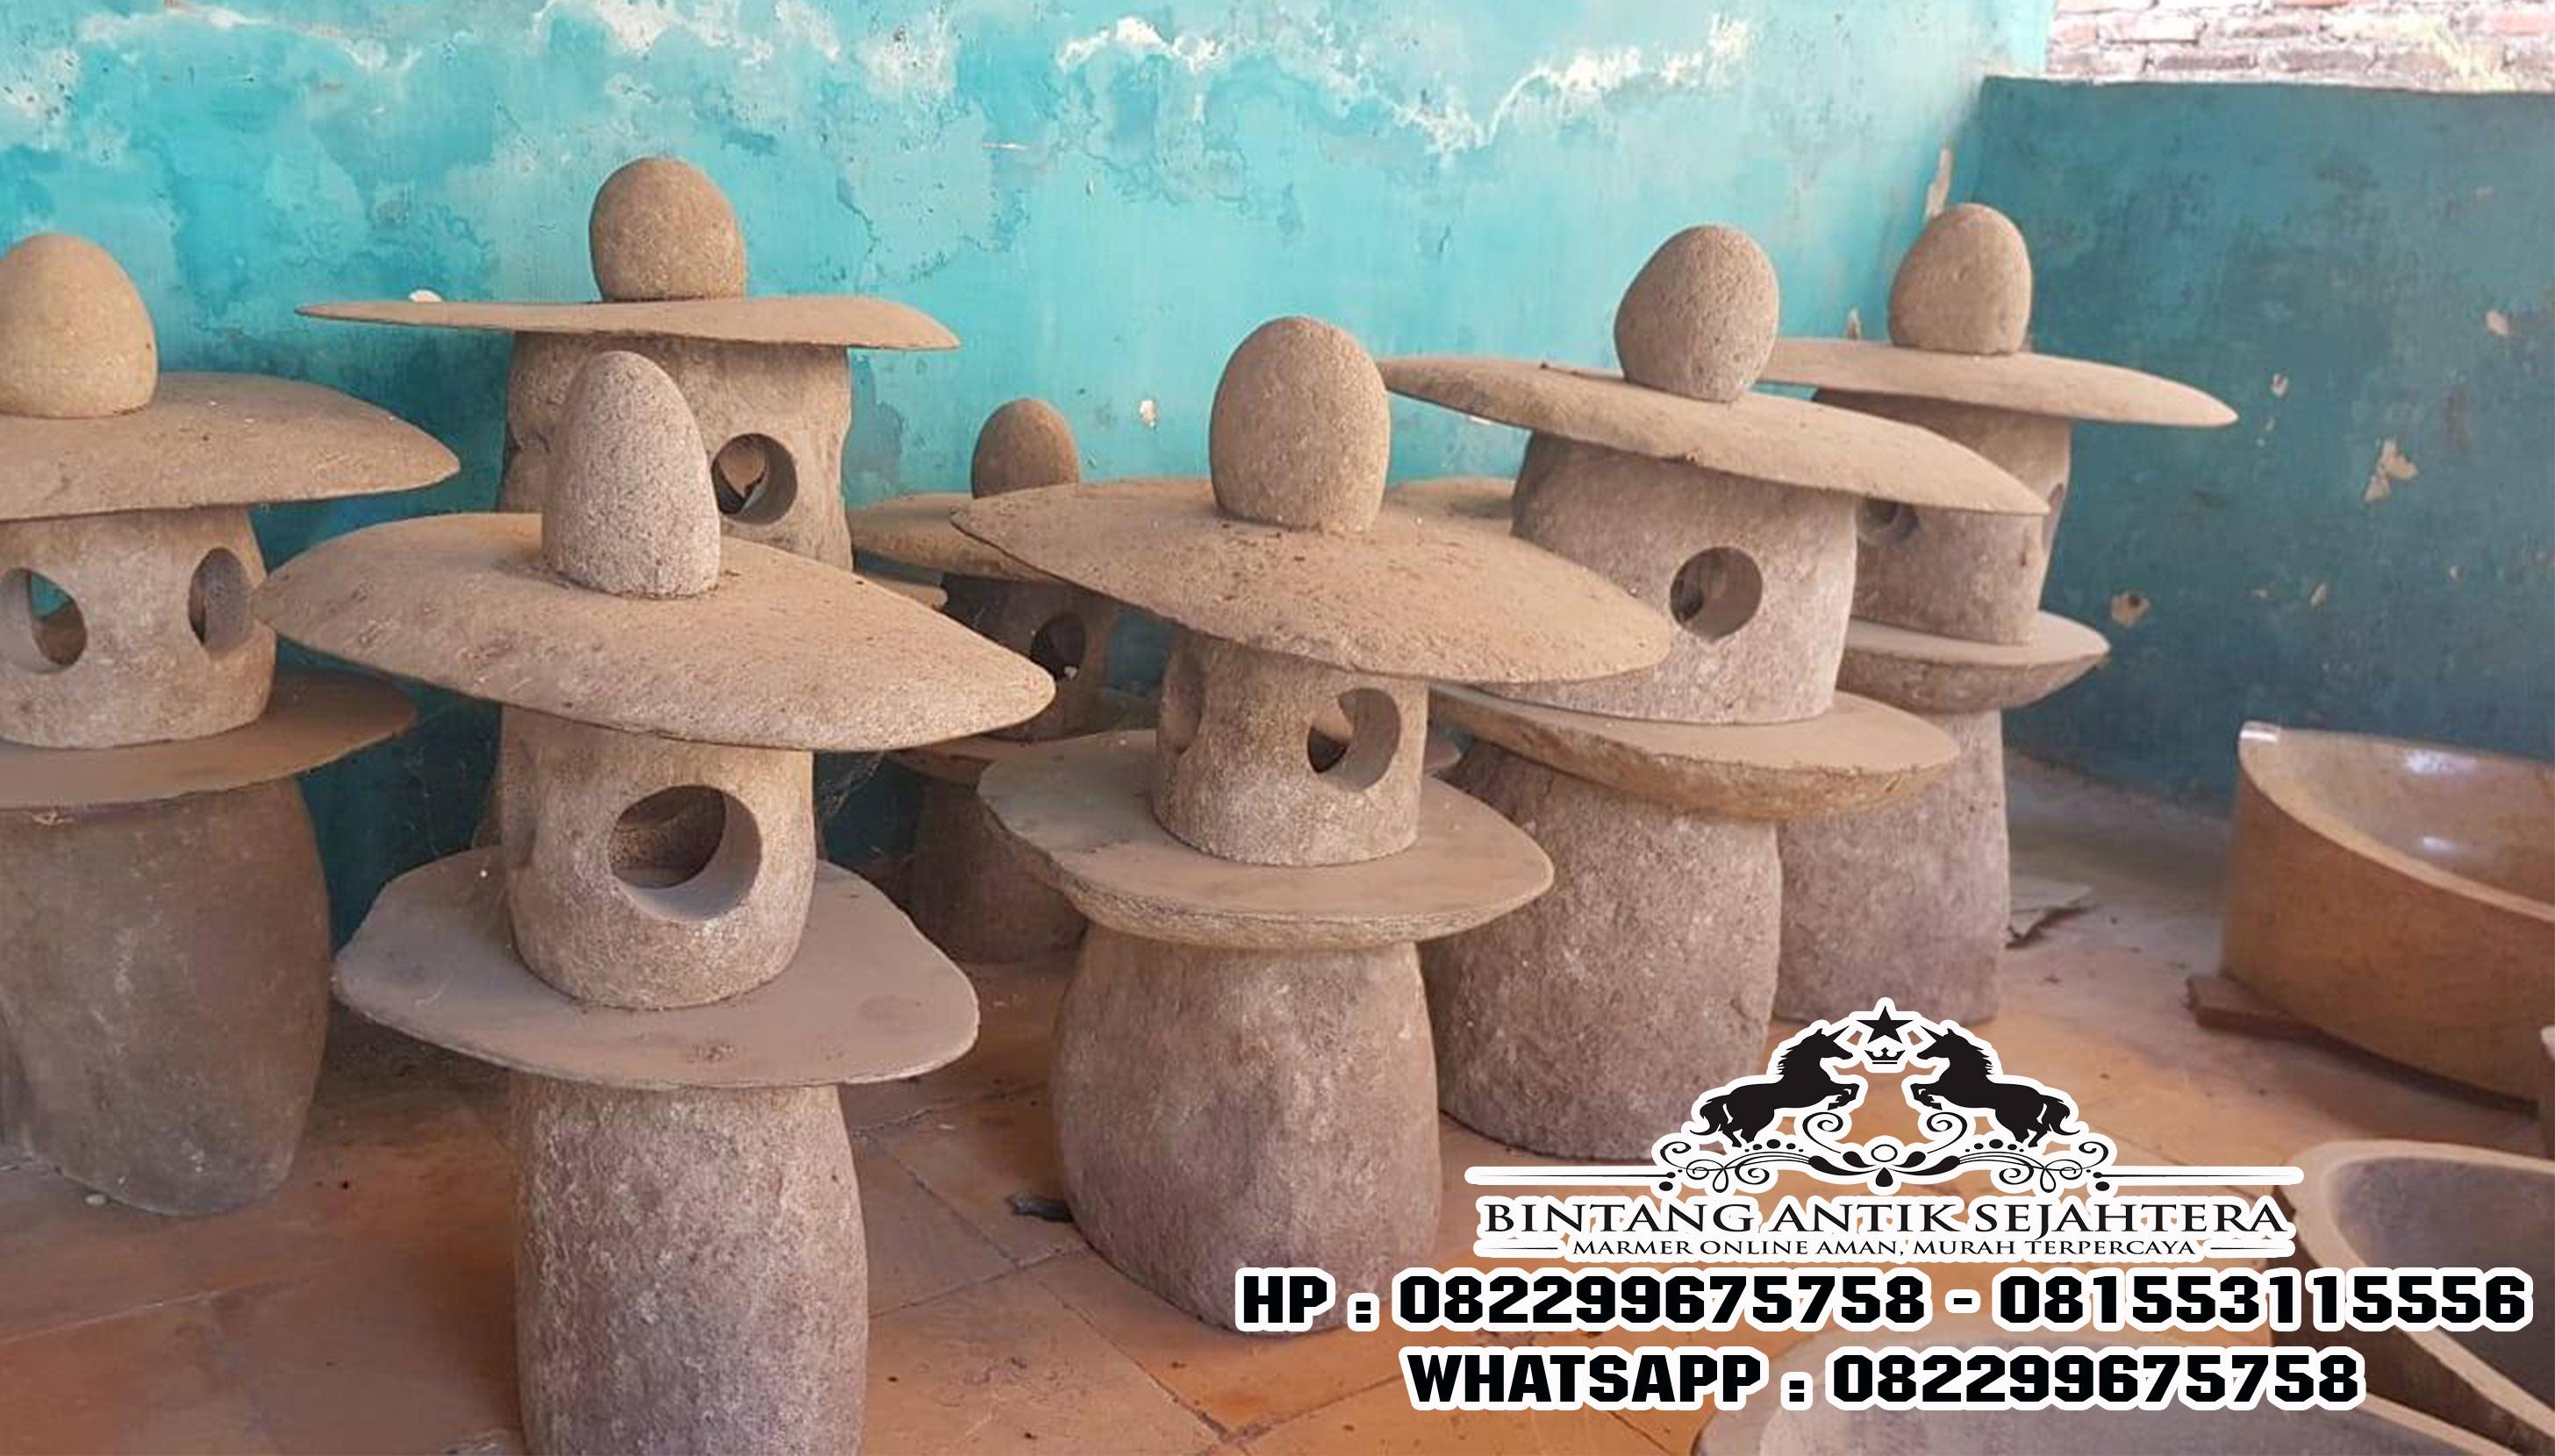 Lampu Taman Batu Kali Lampion, Lampu Taman Batu Alam, Harga Lampu Taman Batu Kali Murah